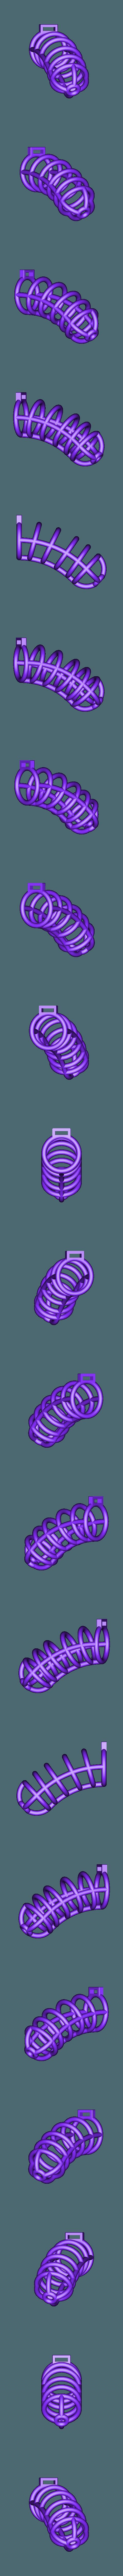 cage.stl Download STL file Chasity Cage • 3D print design, anythingelse